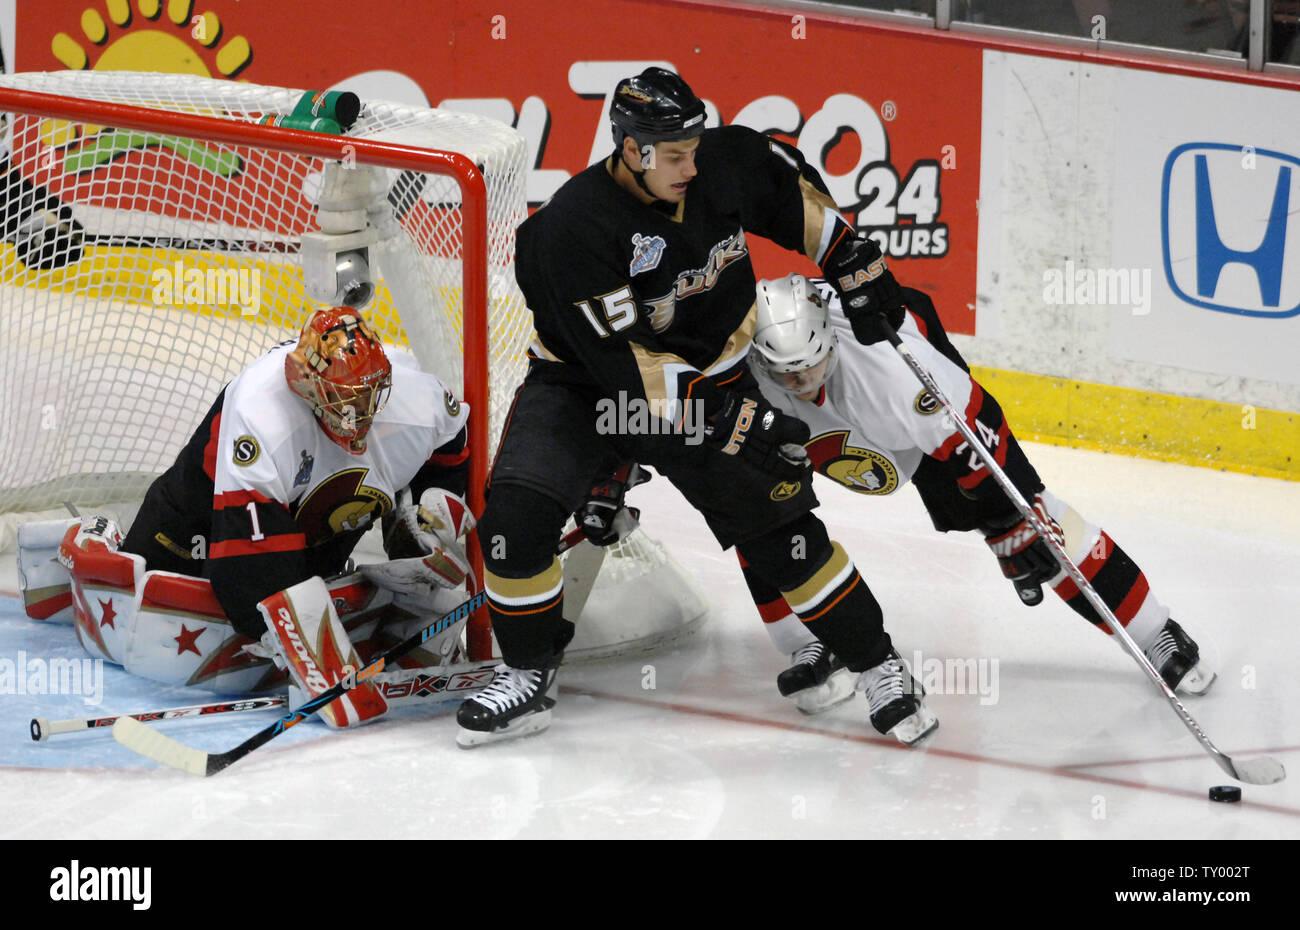 Ottawa Senators' Anton Volchenkov (24) of Russia and Anaheim